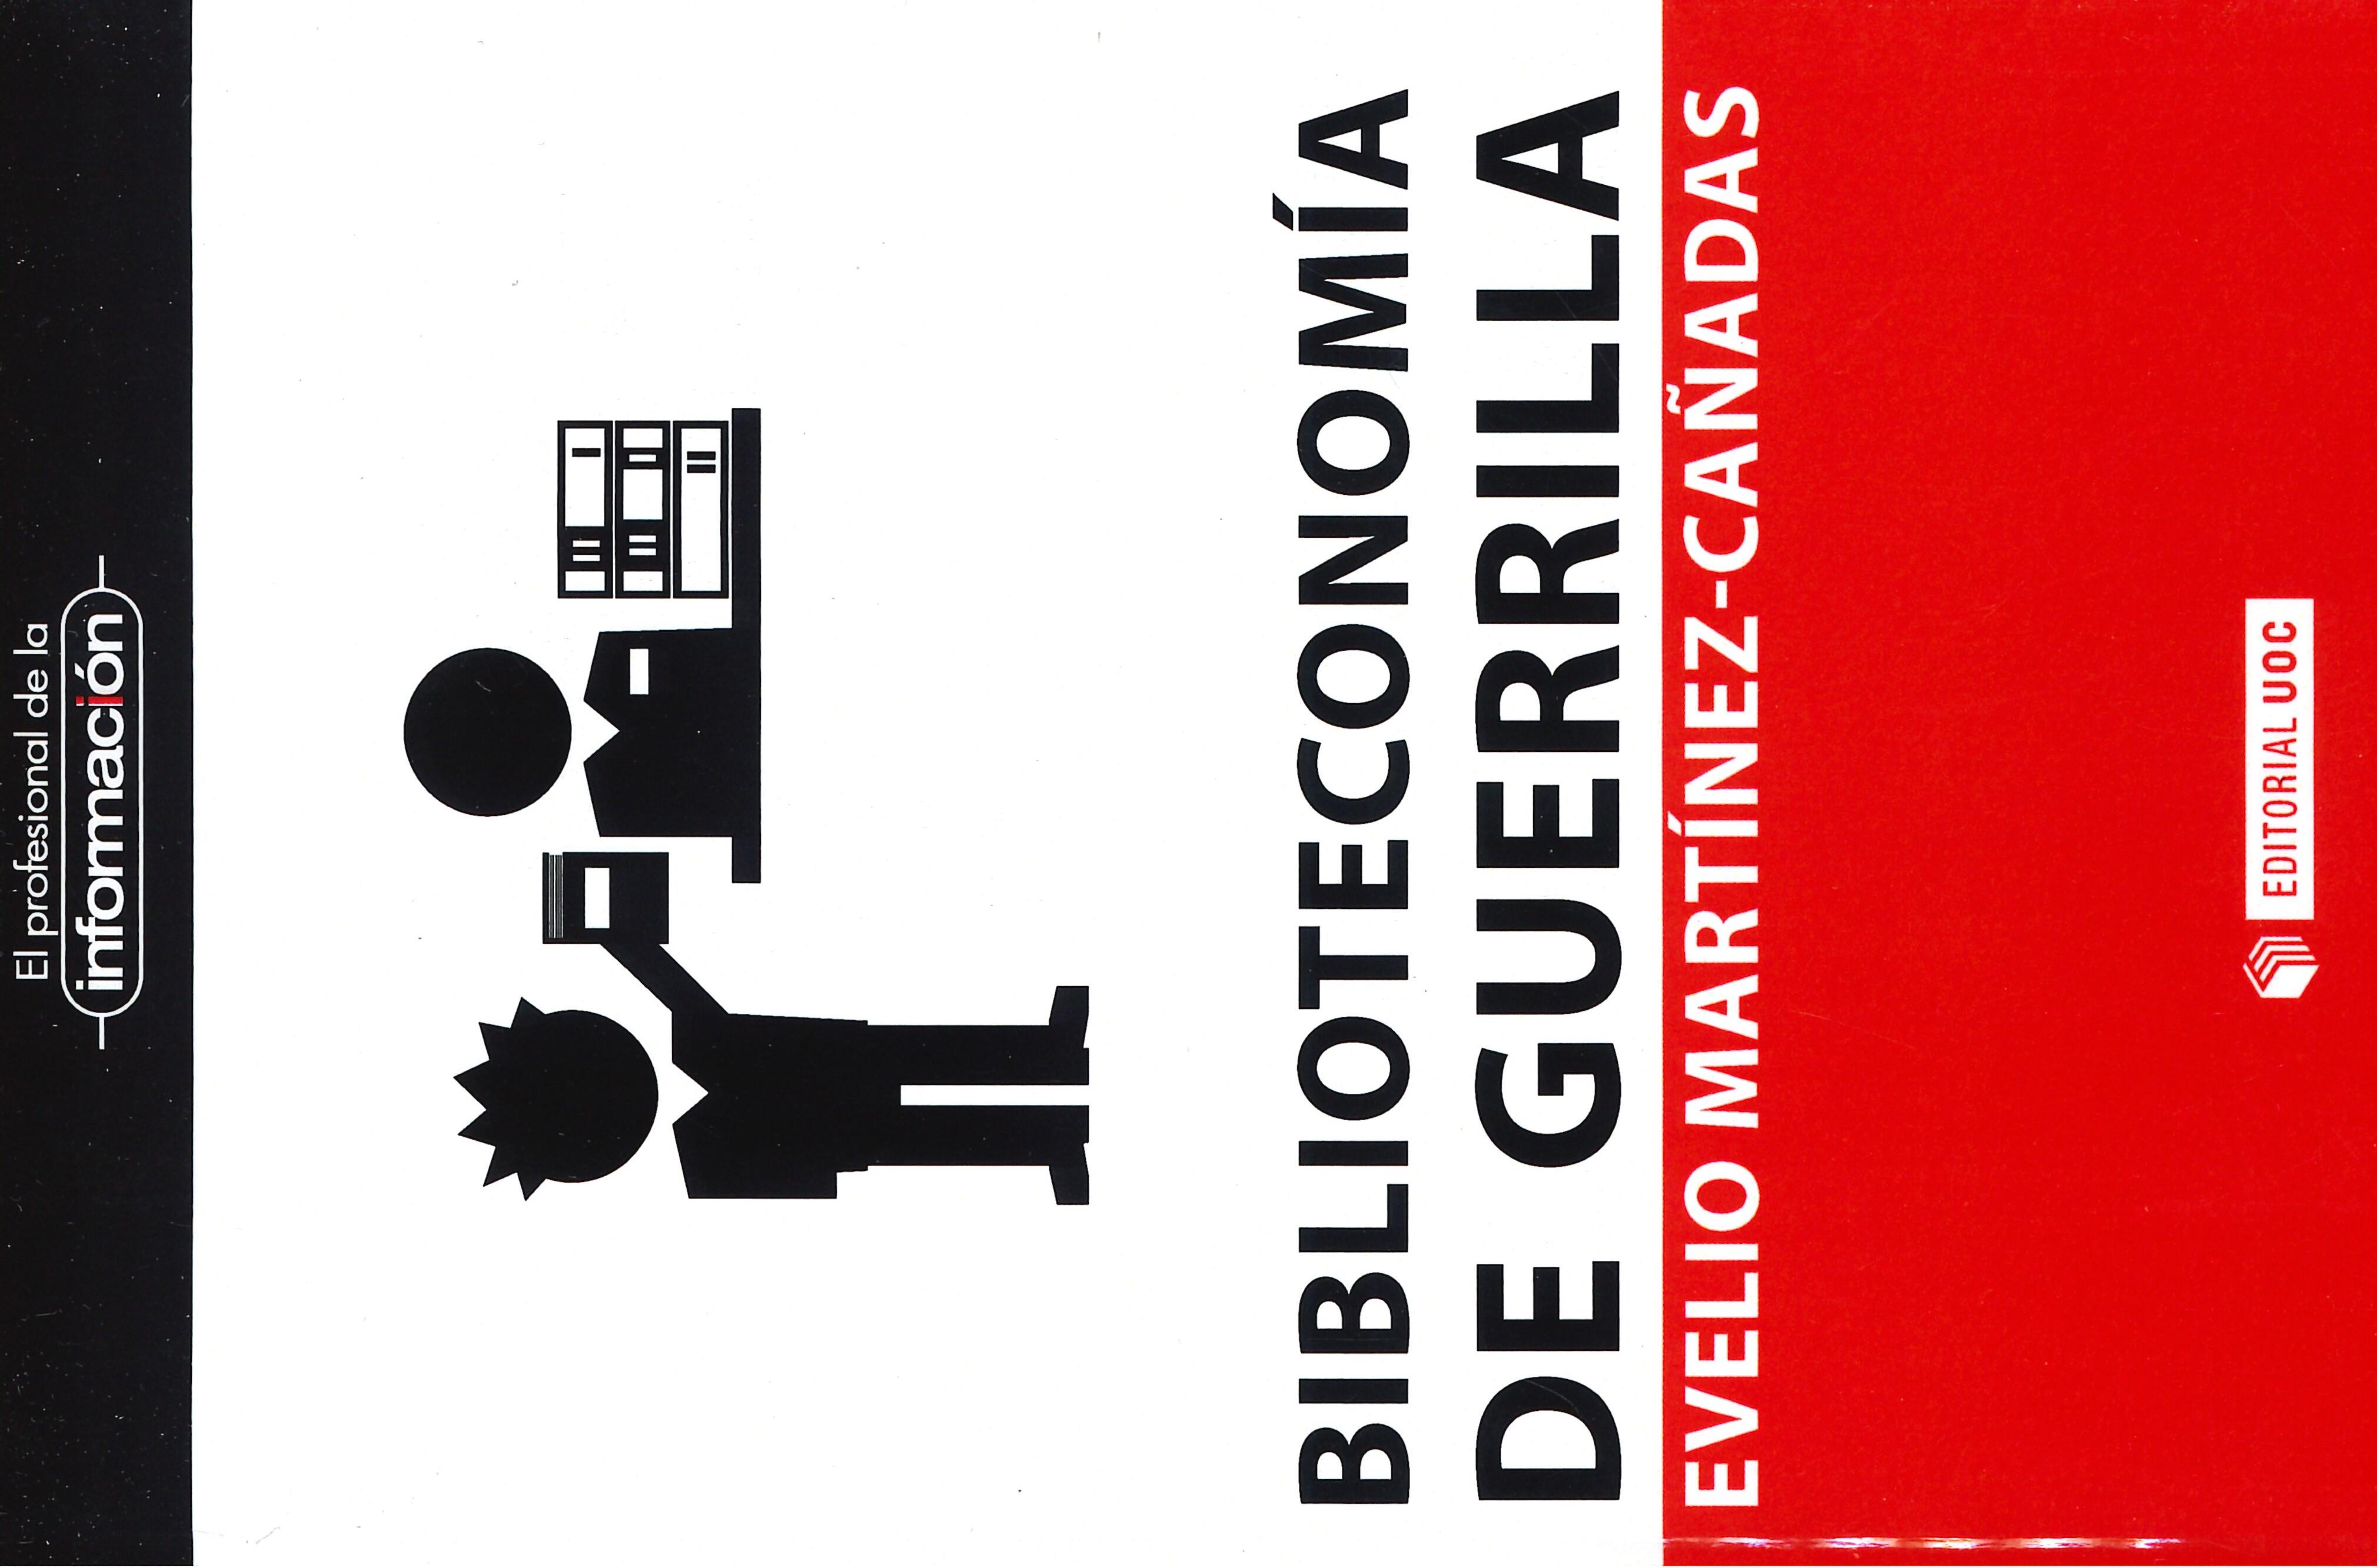 biblioteconomia_de_guerrilla.jpg